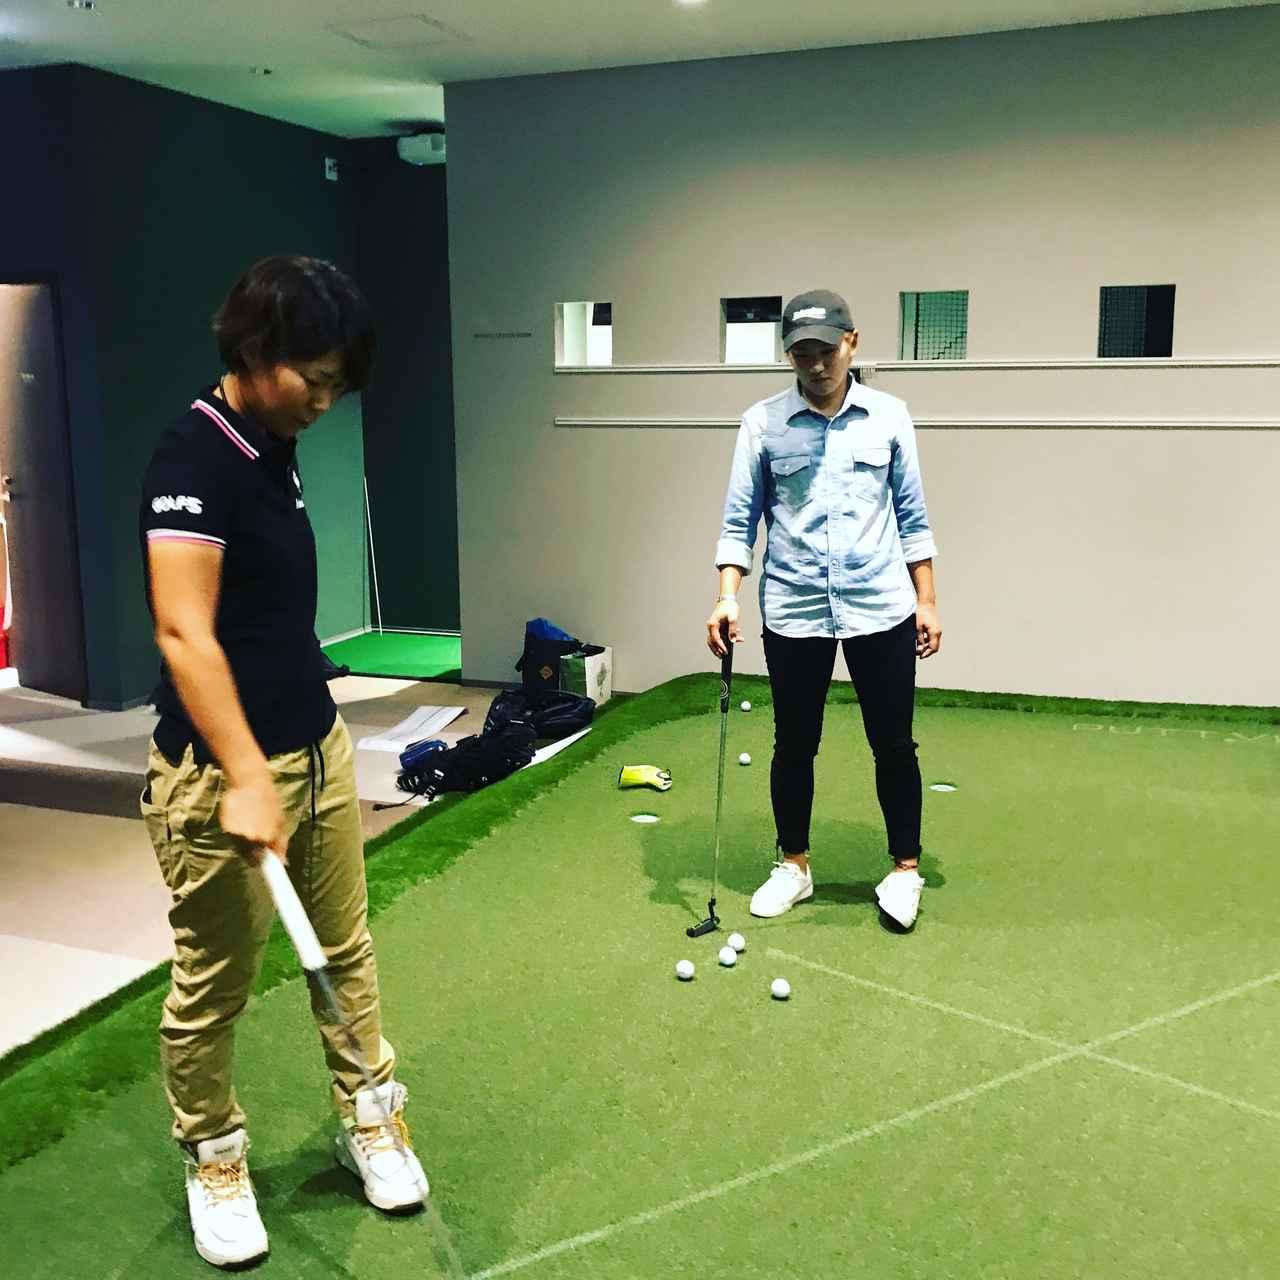 画像: プロジェクターを使ってラインを視覚化する「パットビュー」を体験する成田美寿々(右)と穴井詩(左) 撮影/井上透